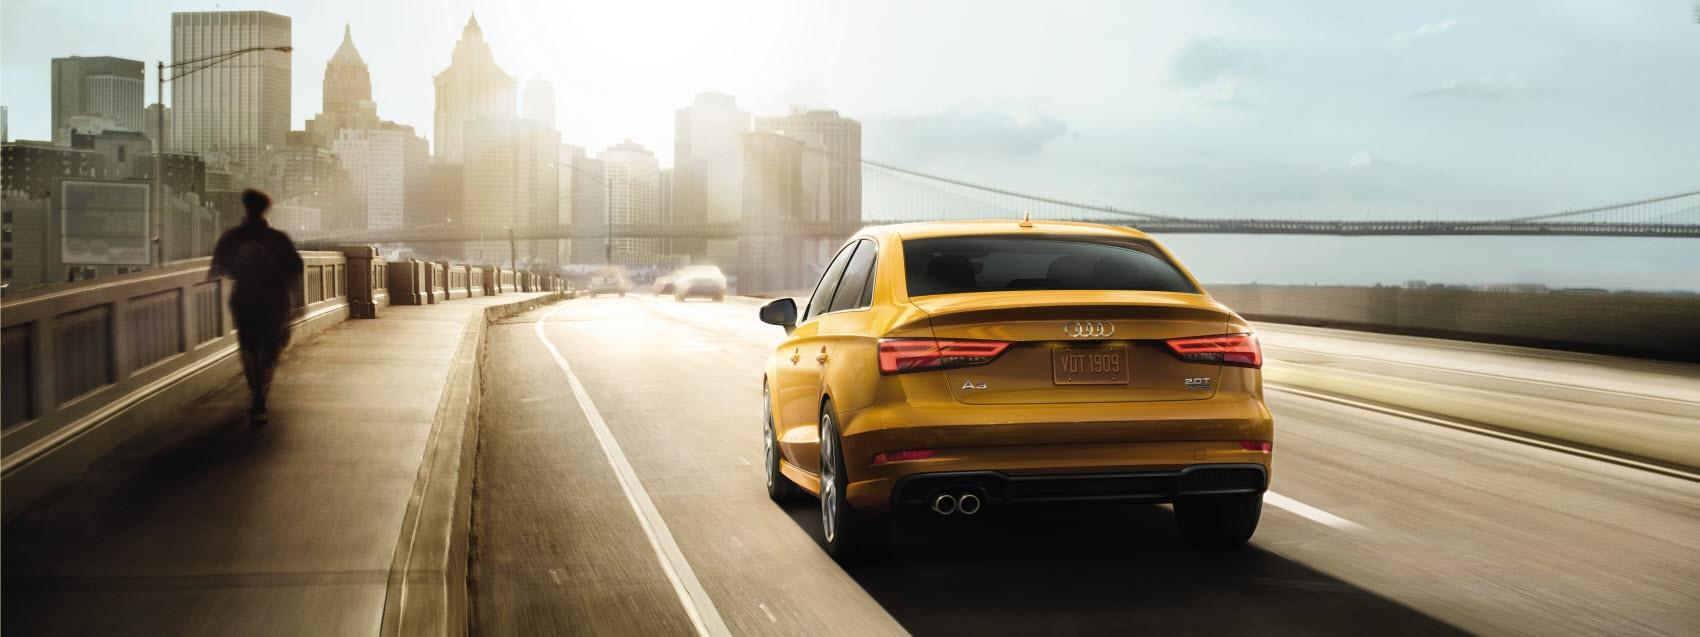 Audi Dealership Near Me >> Audi Plano Tx Audi Dealer Near Me